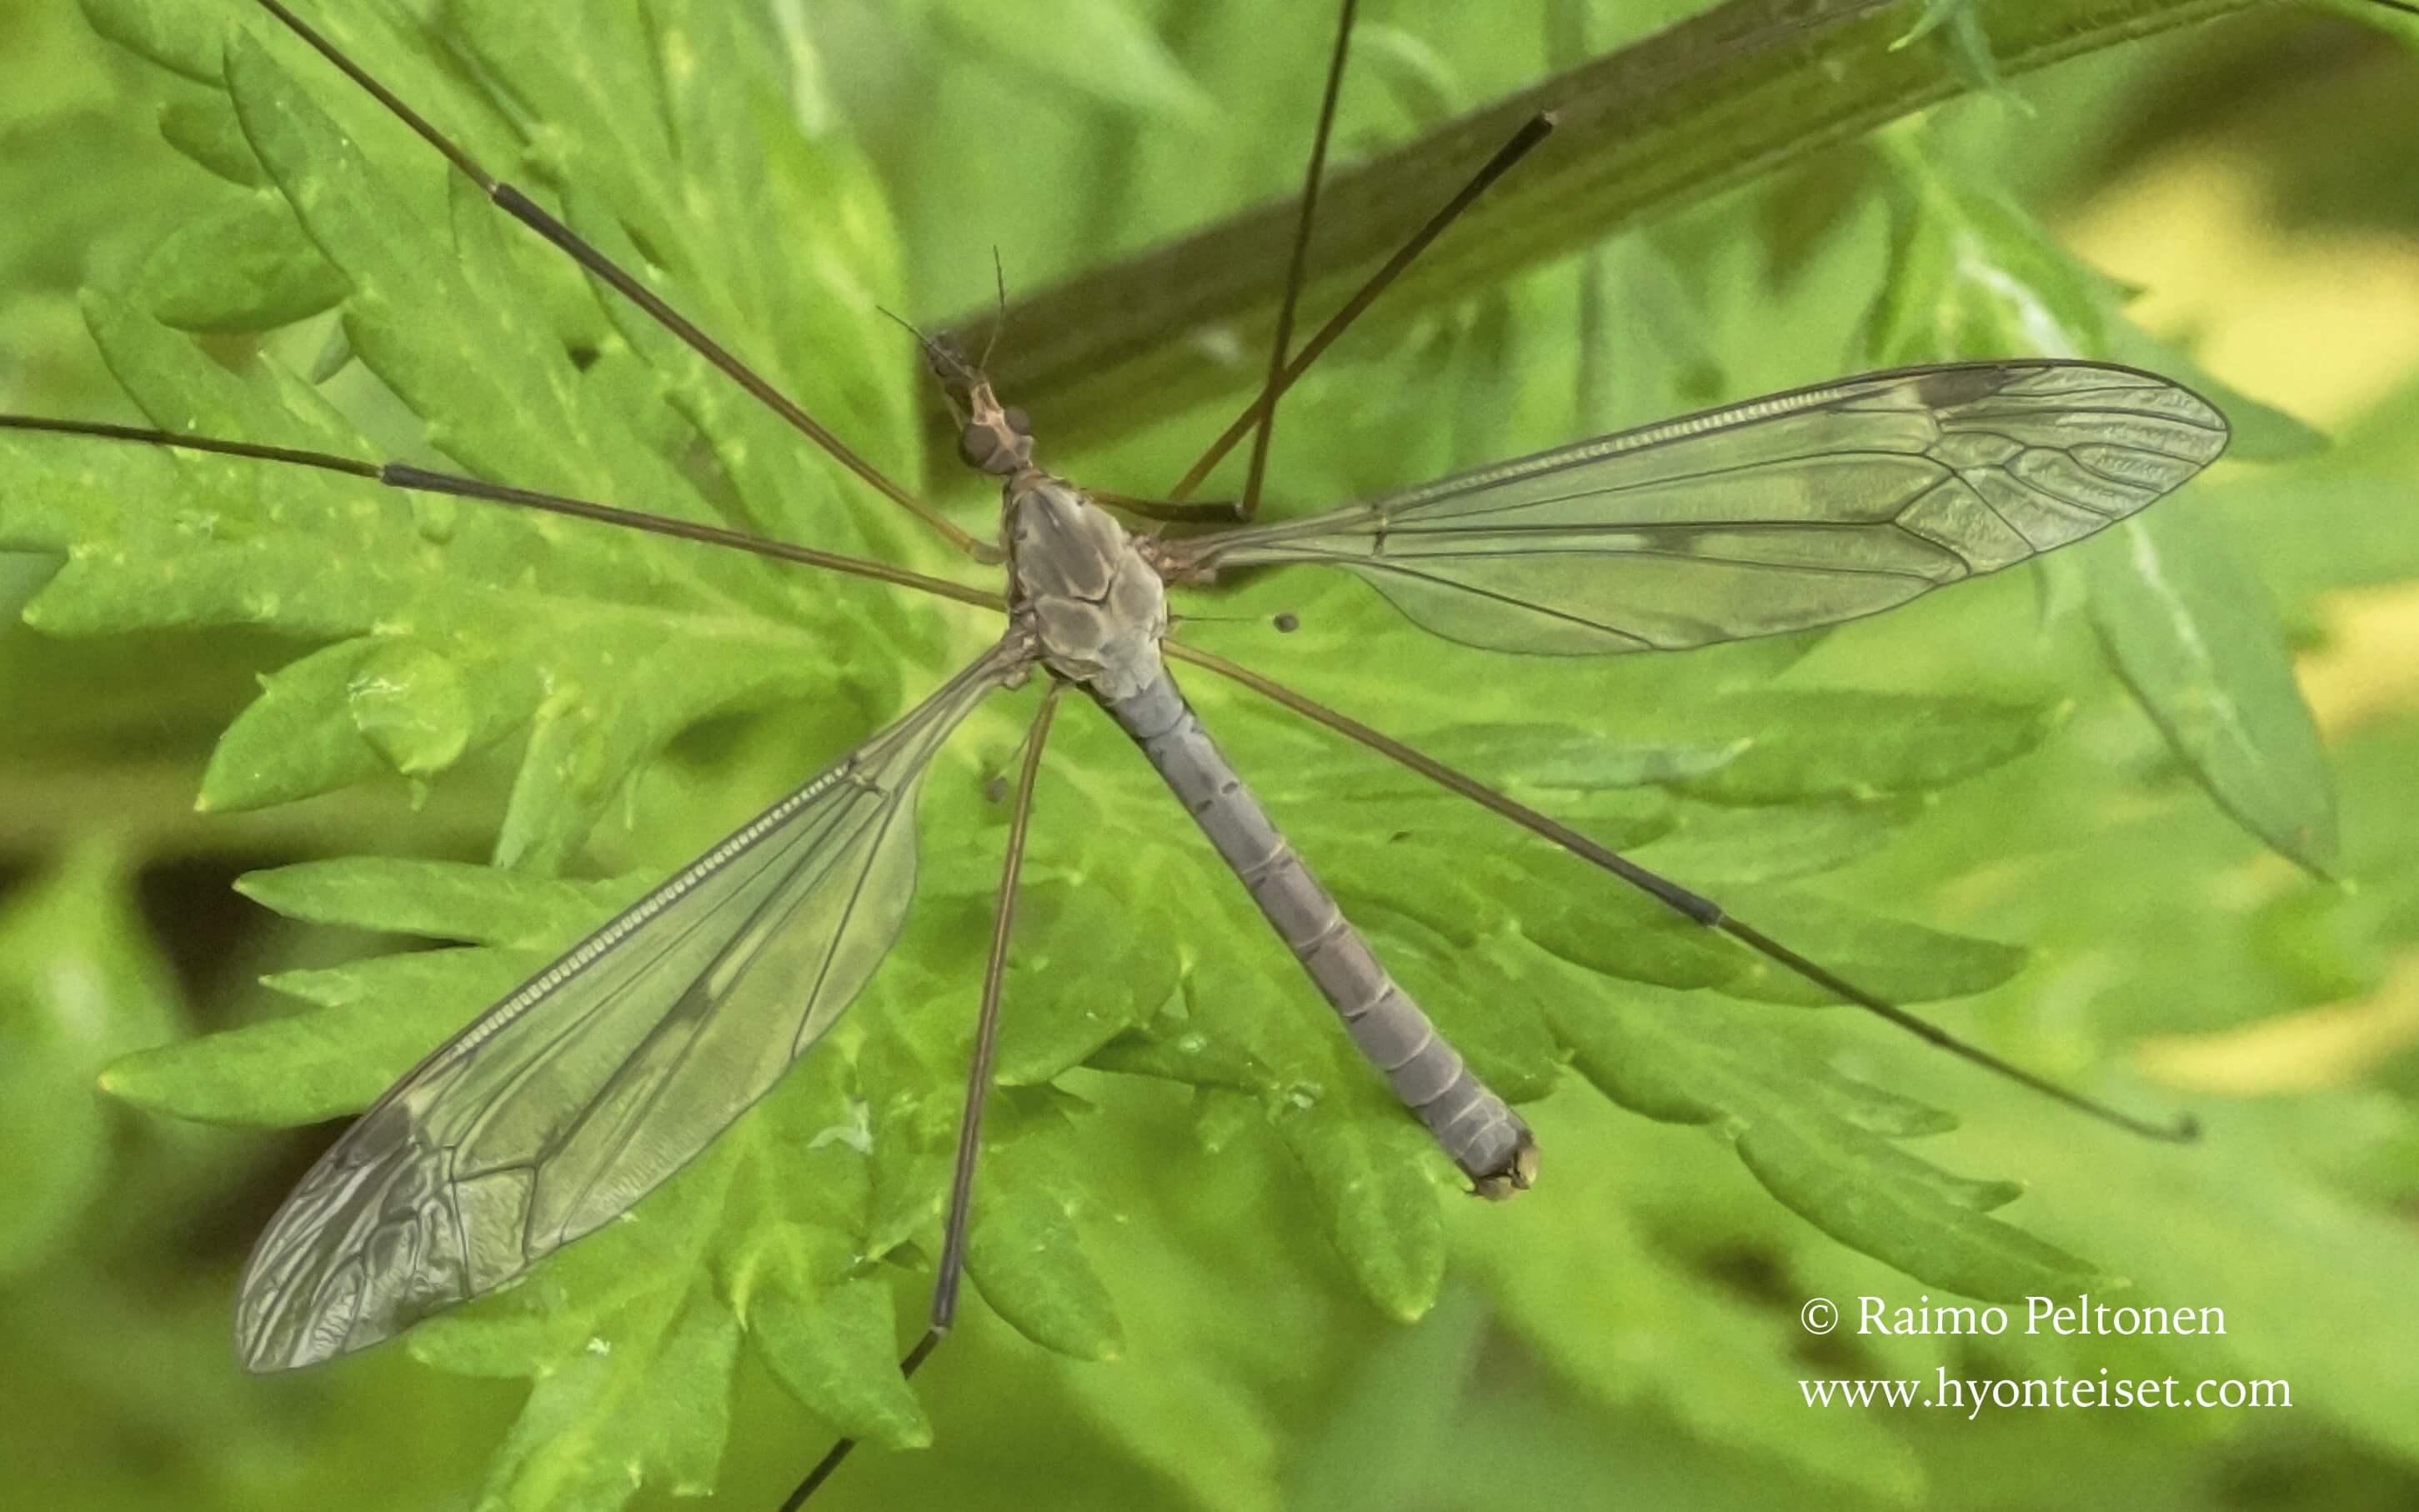 Tipula fulvipennis-kangasjortikka (det. Esko Viitanen), 24.6.2016 Jyväskylä